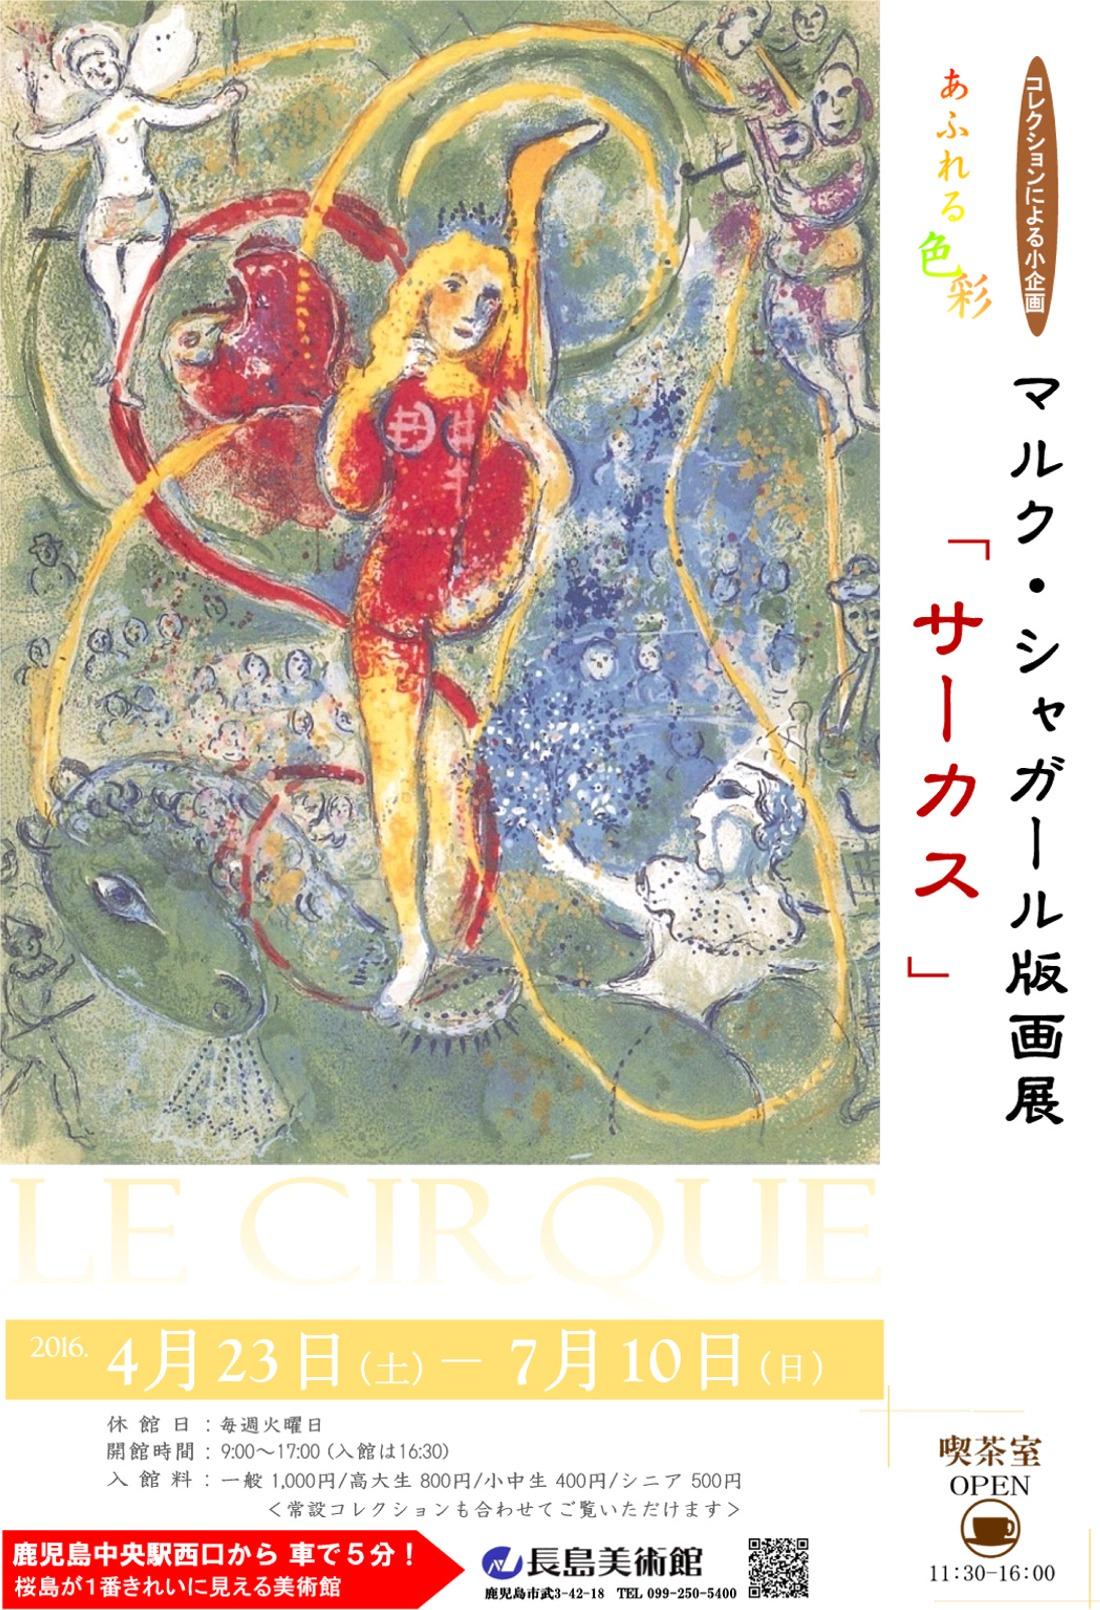 あふれる色彩 マルク・シャガール版画展 「サーカス」